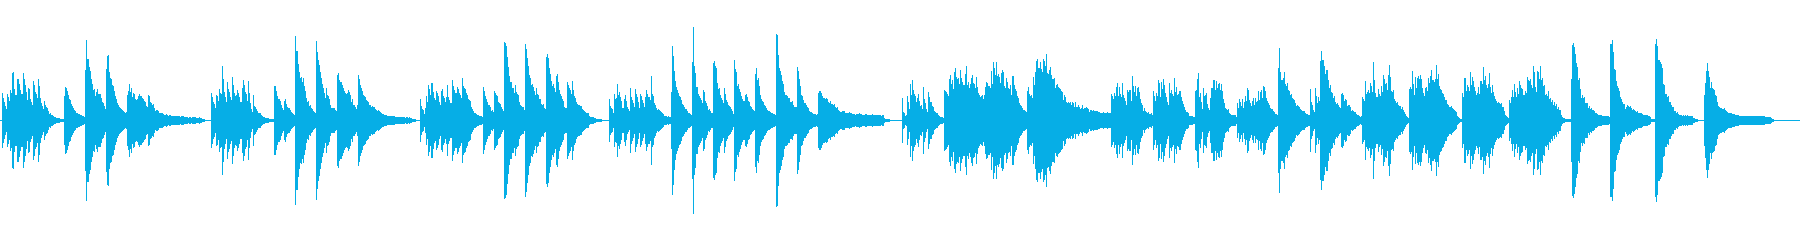 ピアノソロの鬱な曲想_filterなしの再生済みの波形